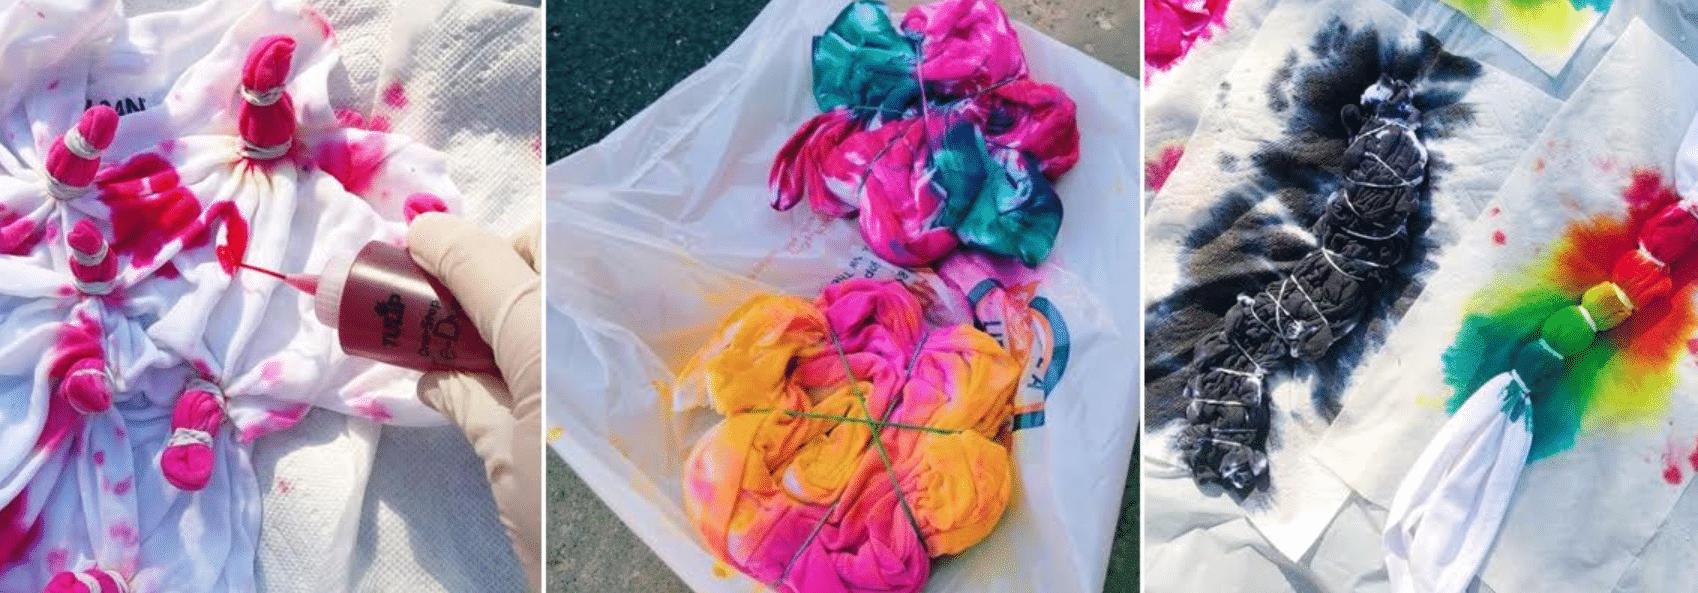 imagens de camisetas tie dye em meio ao seu processo de confecção